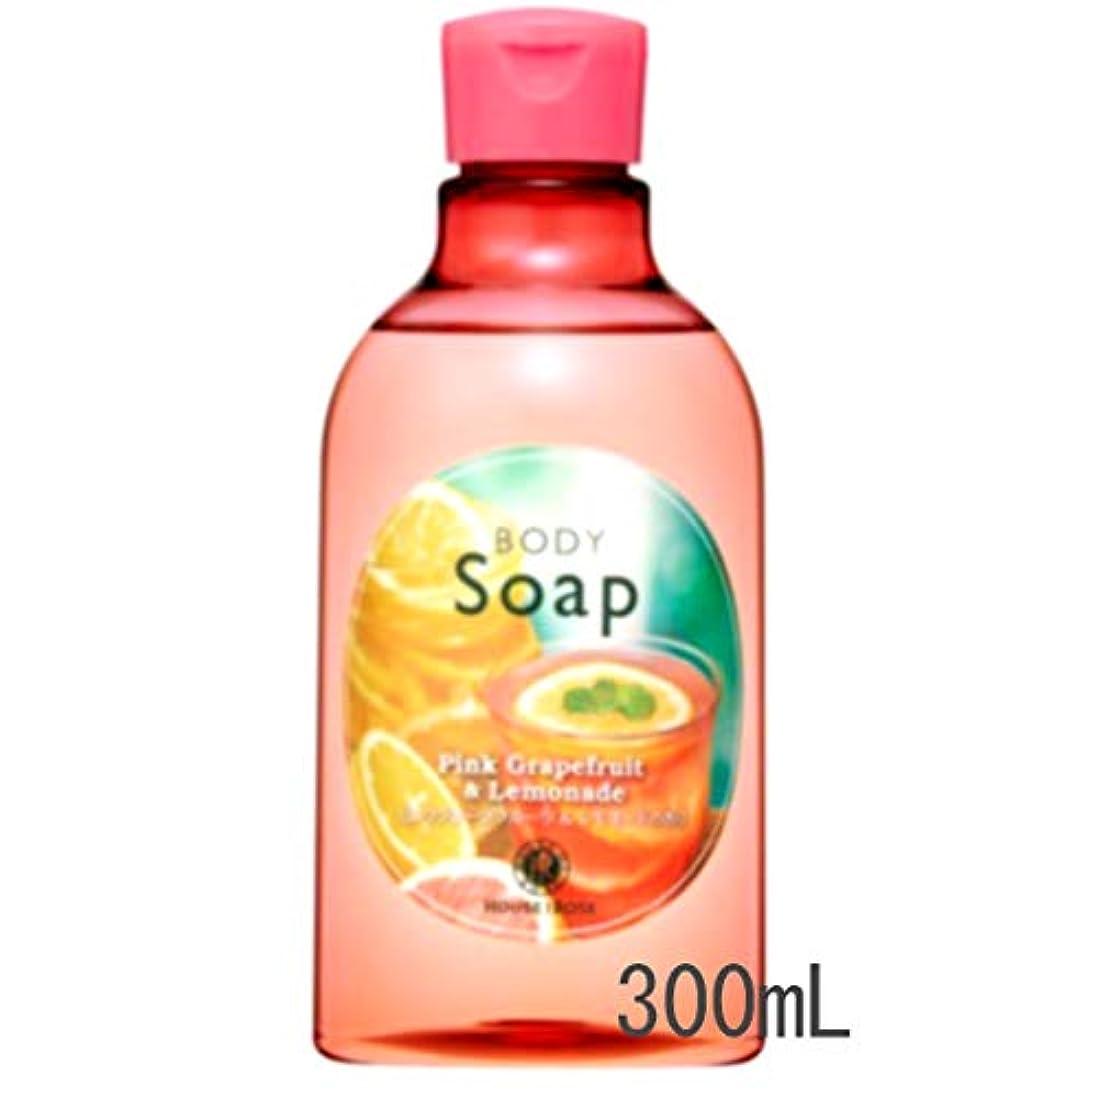 アレルギー性ダンプ吐くHOUSE OF ROSE(ハウスオブローゼ) ボディソープ PL(ピンクグレープフルーツ&レモネードの香り)300mL